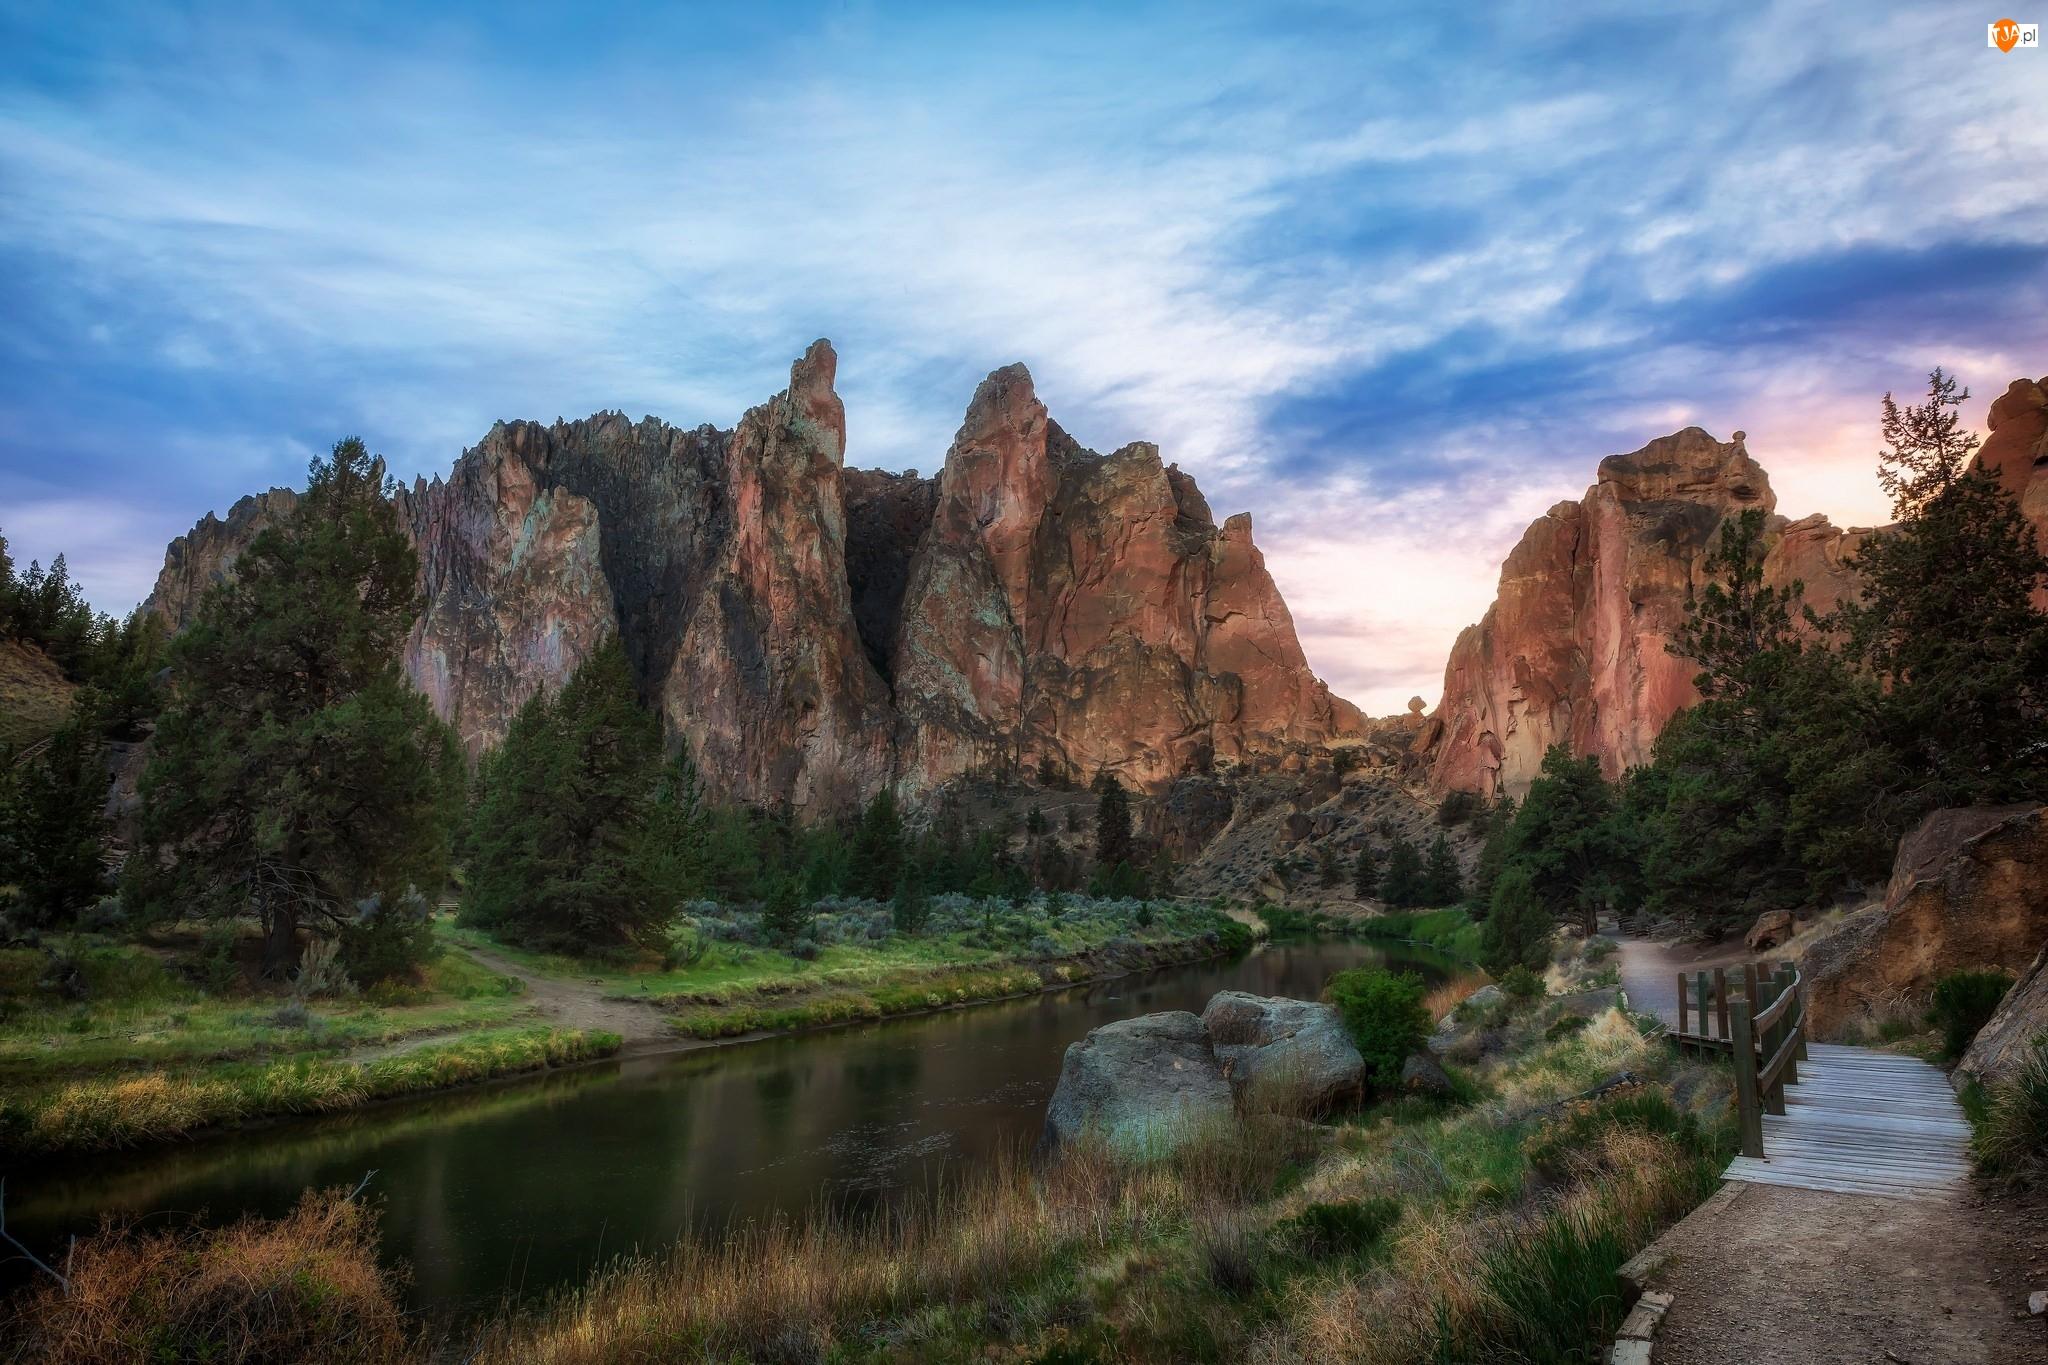 Rzeka Crooked River, Stan Oregon, Mostek, Park stanowy Smith Rock State Park, Skały, Ścieżka, Stany Zjednoczone